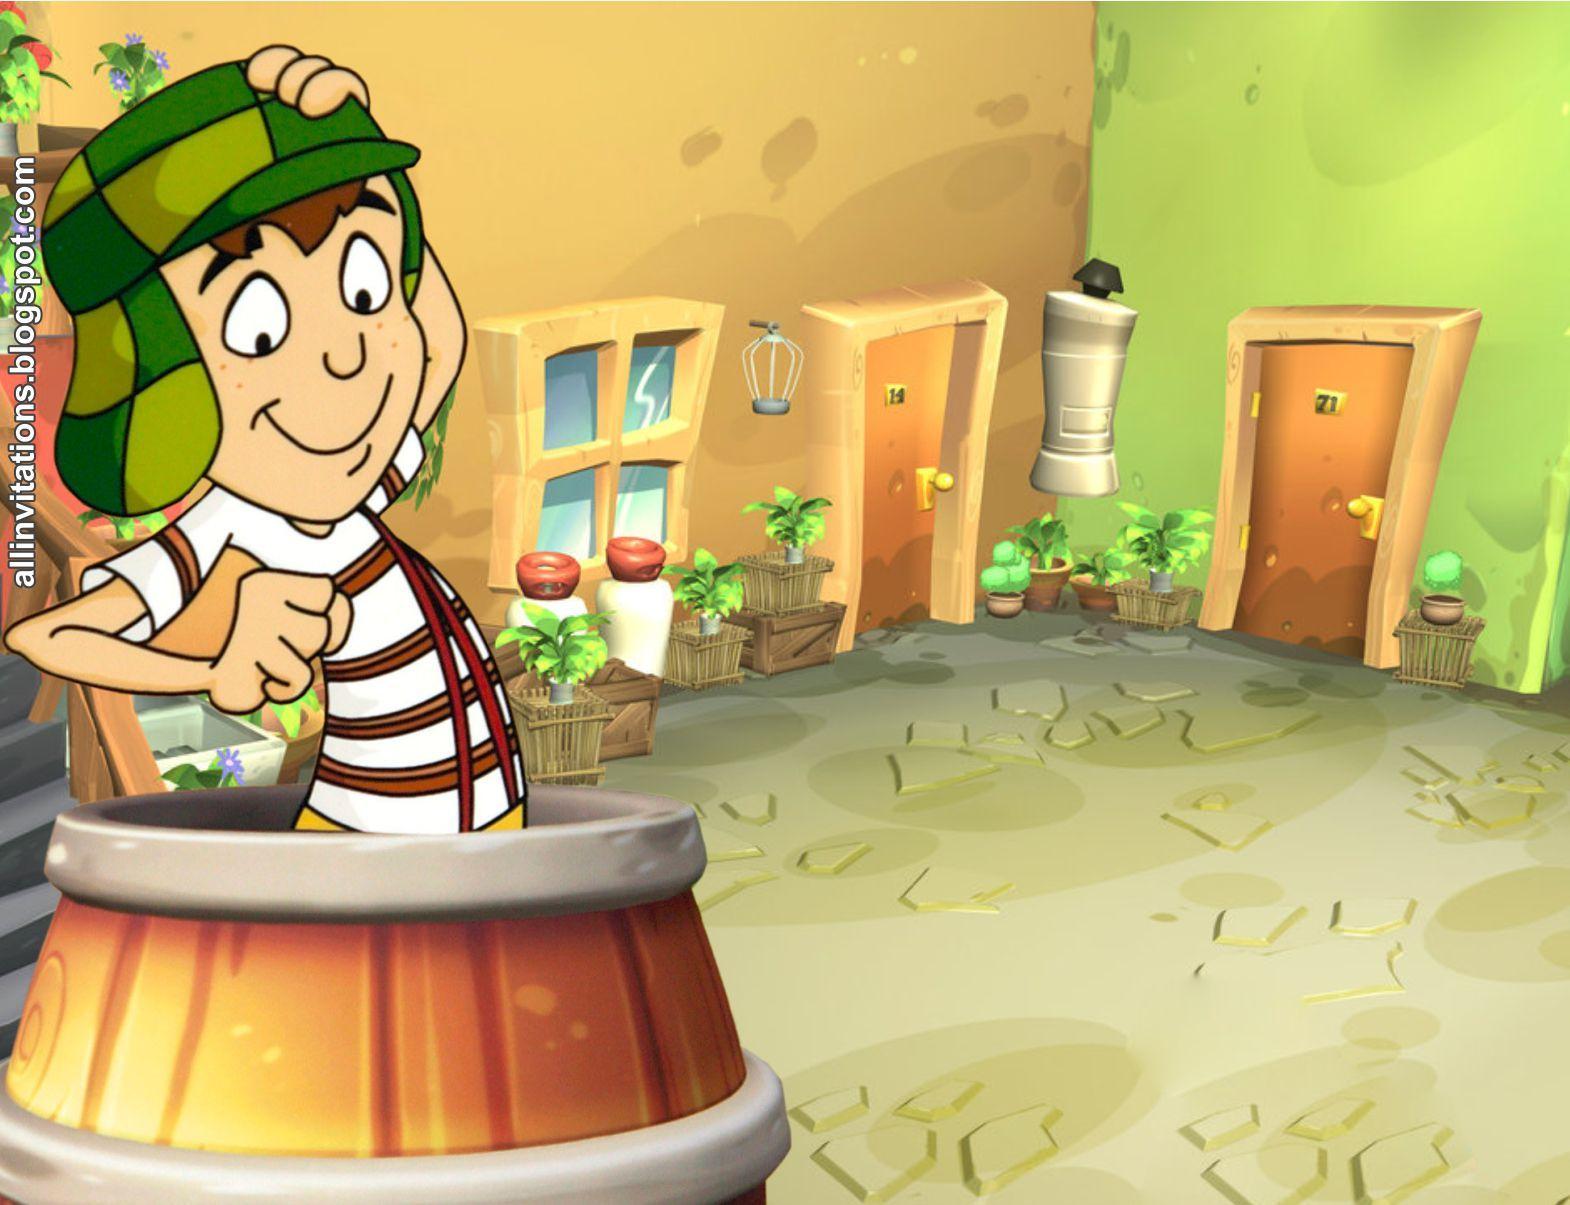 Planttilla invitacion chavo del 8 animado | fondos invitaciones ...